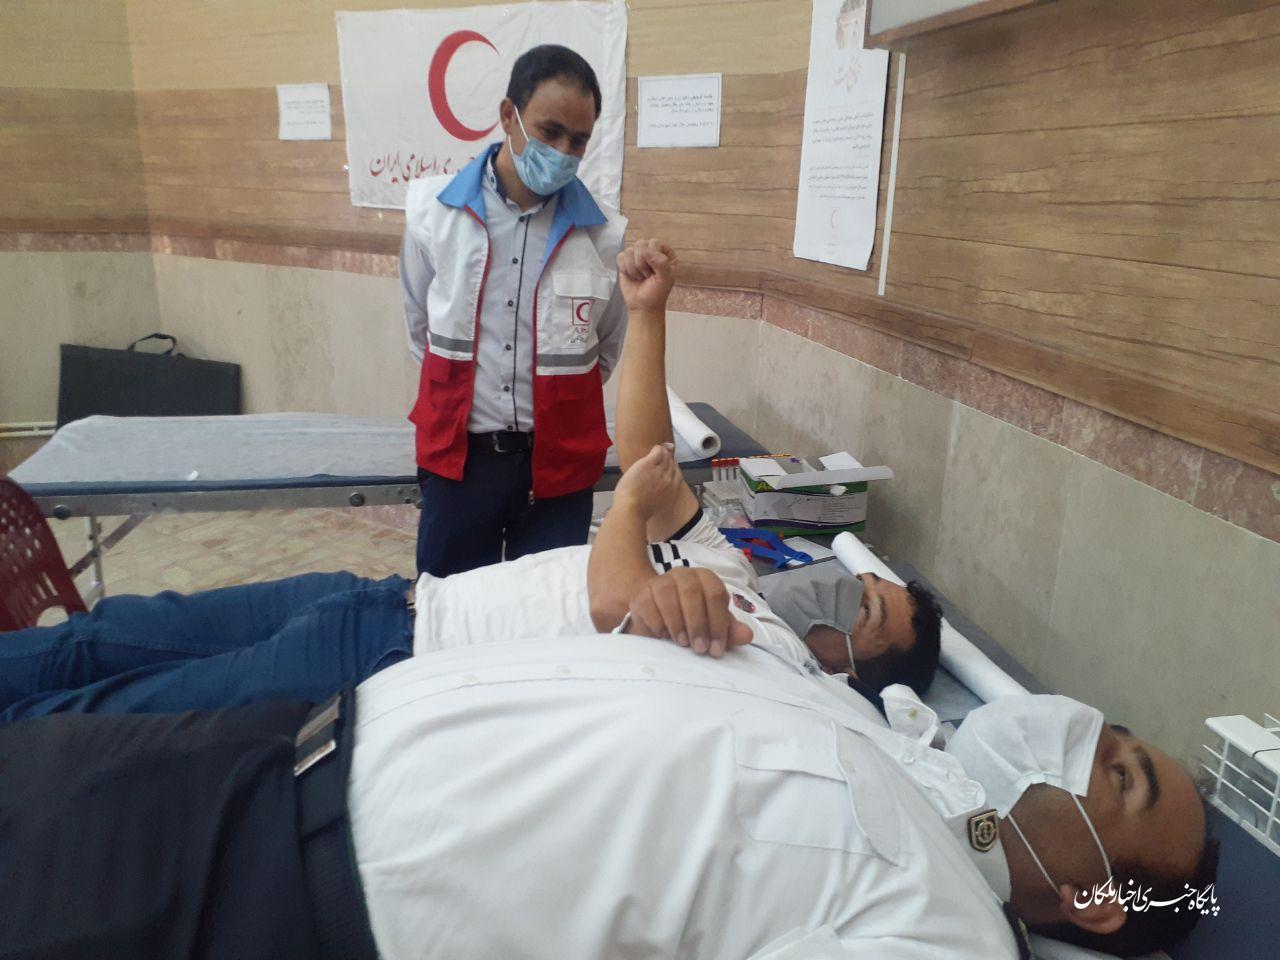 اخذ ۹۳ واحد خون در جمعیت هلال احمر شهرستان ملکان